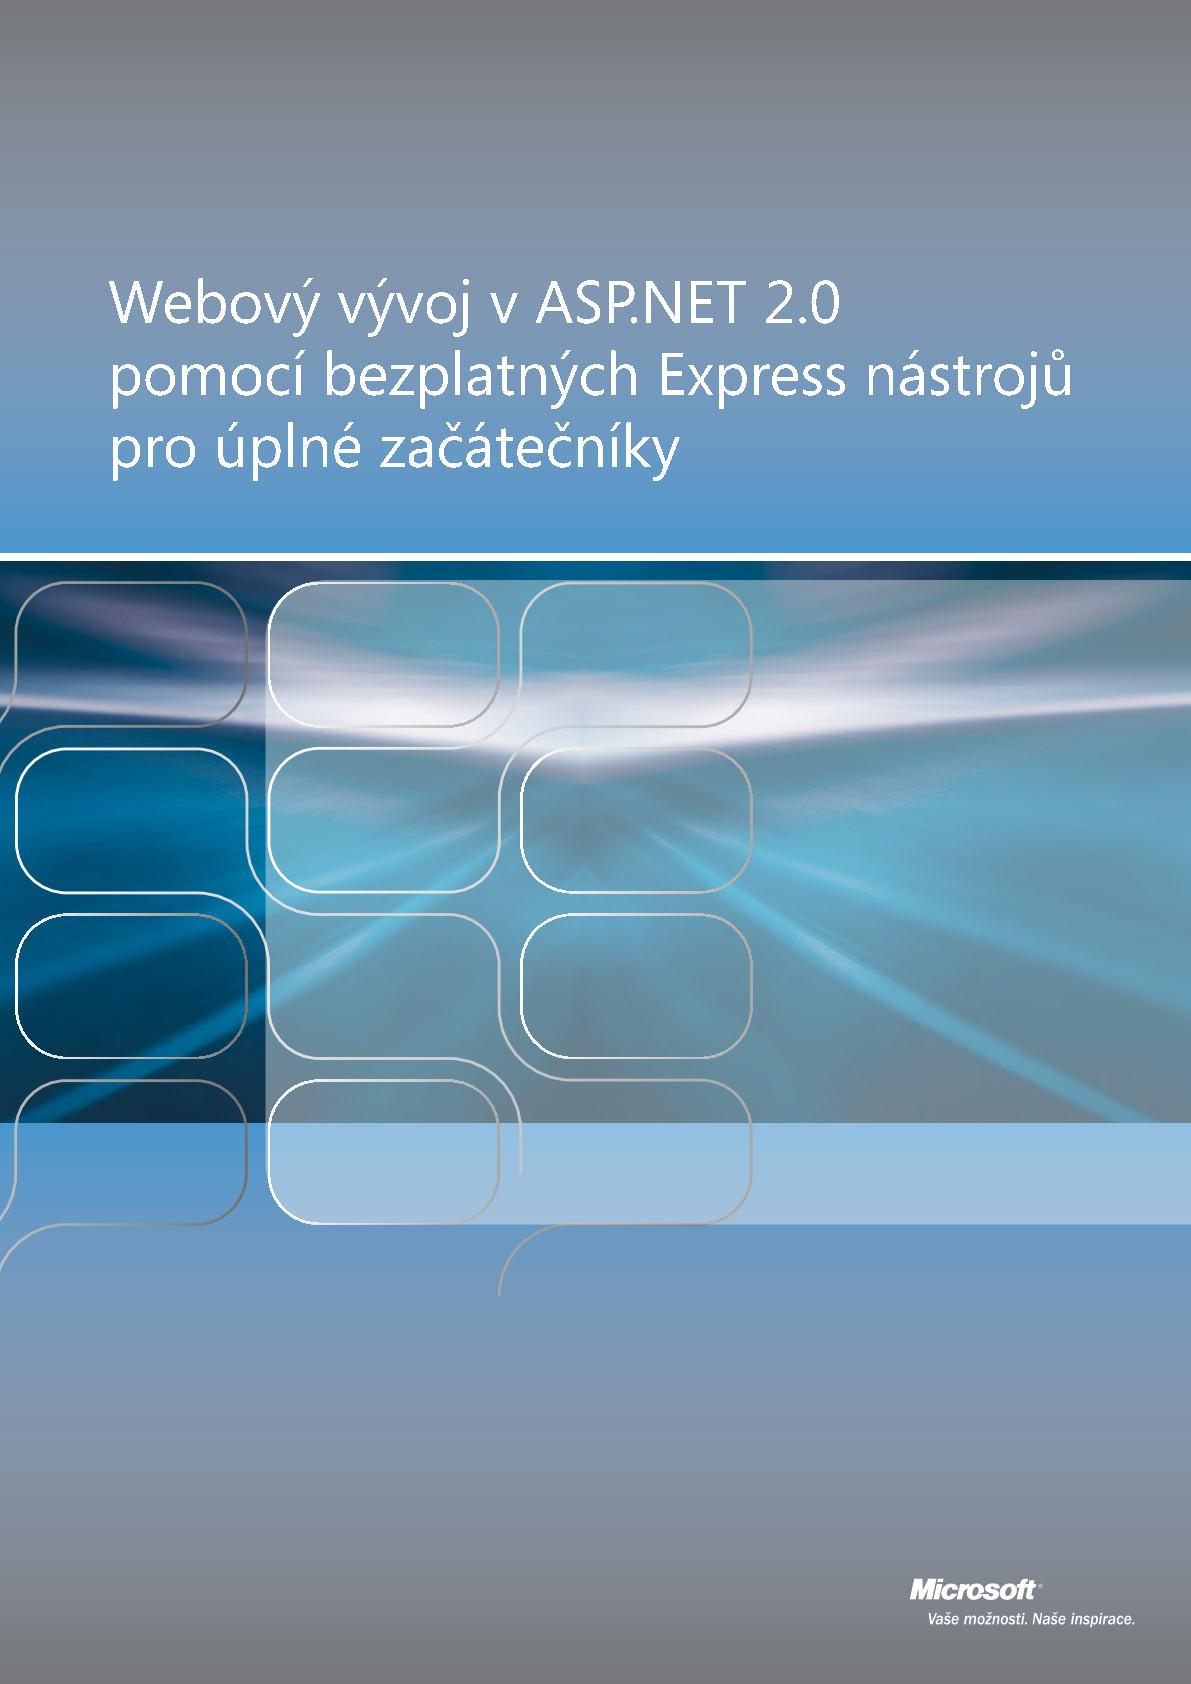 Webový vývoj v ASP.NET 2.0 pomocí bezplatných Express nástrojů pro úplné začátečníky